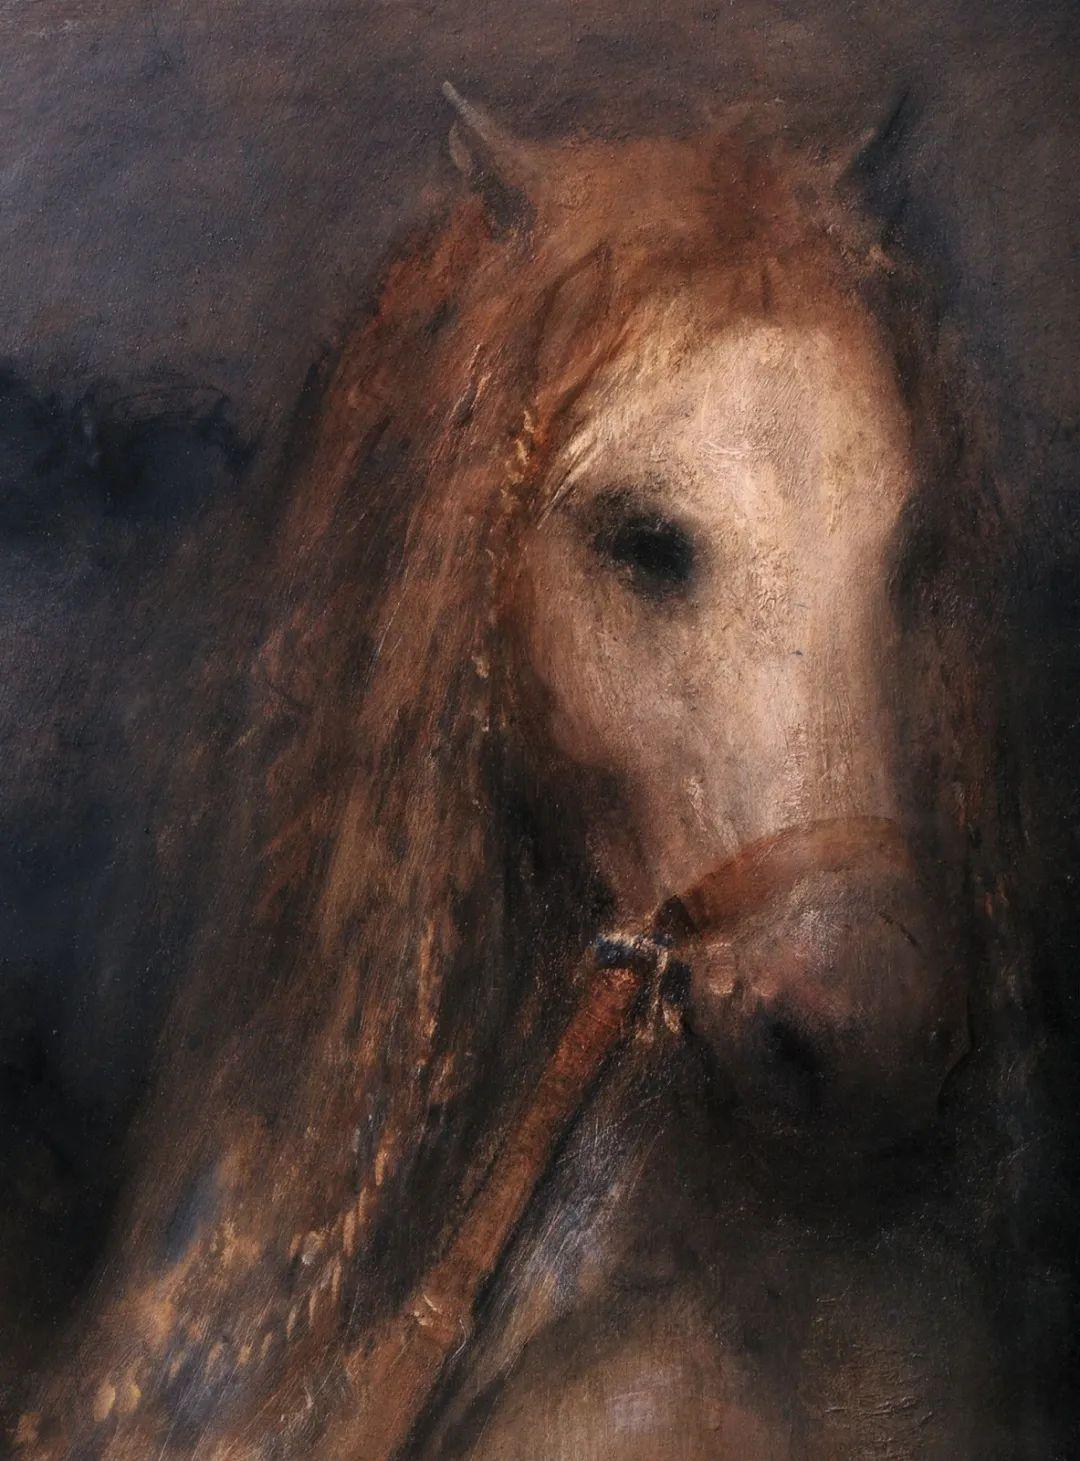 古典的技法,阴暗的色彩,浓厚的画面感插图52